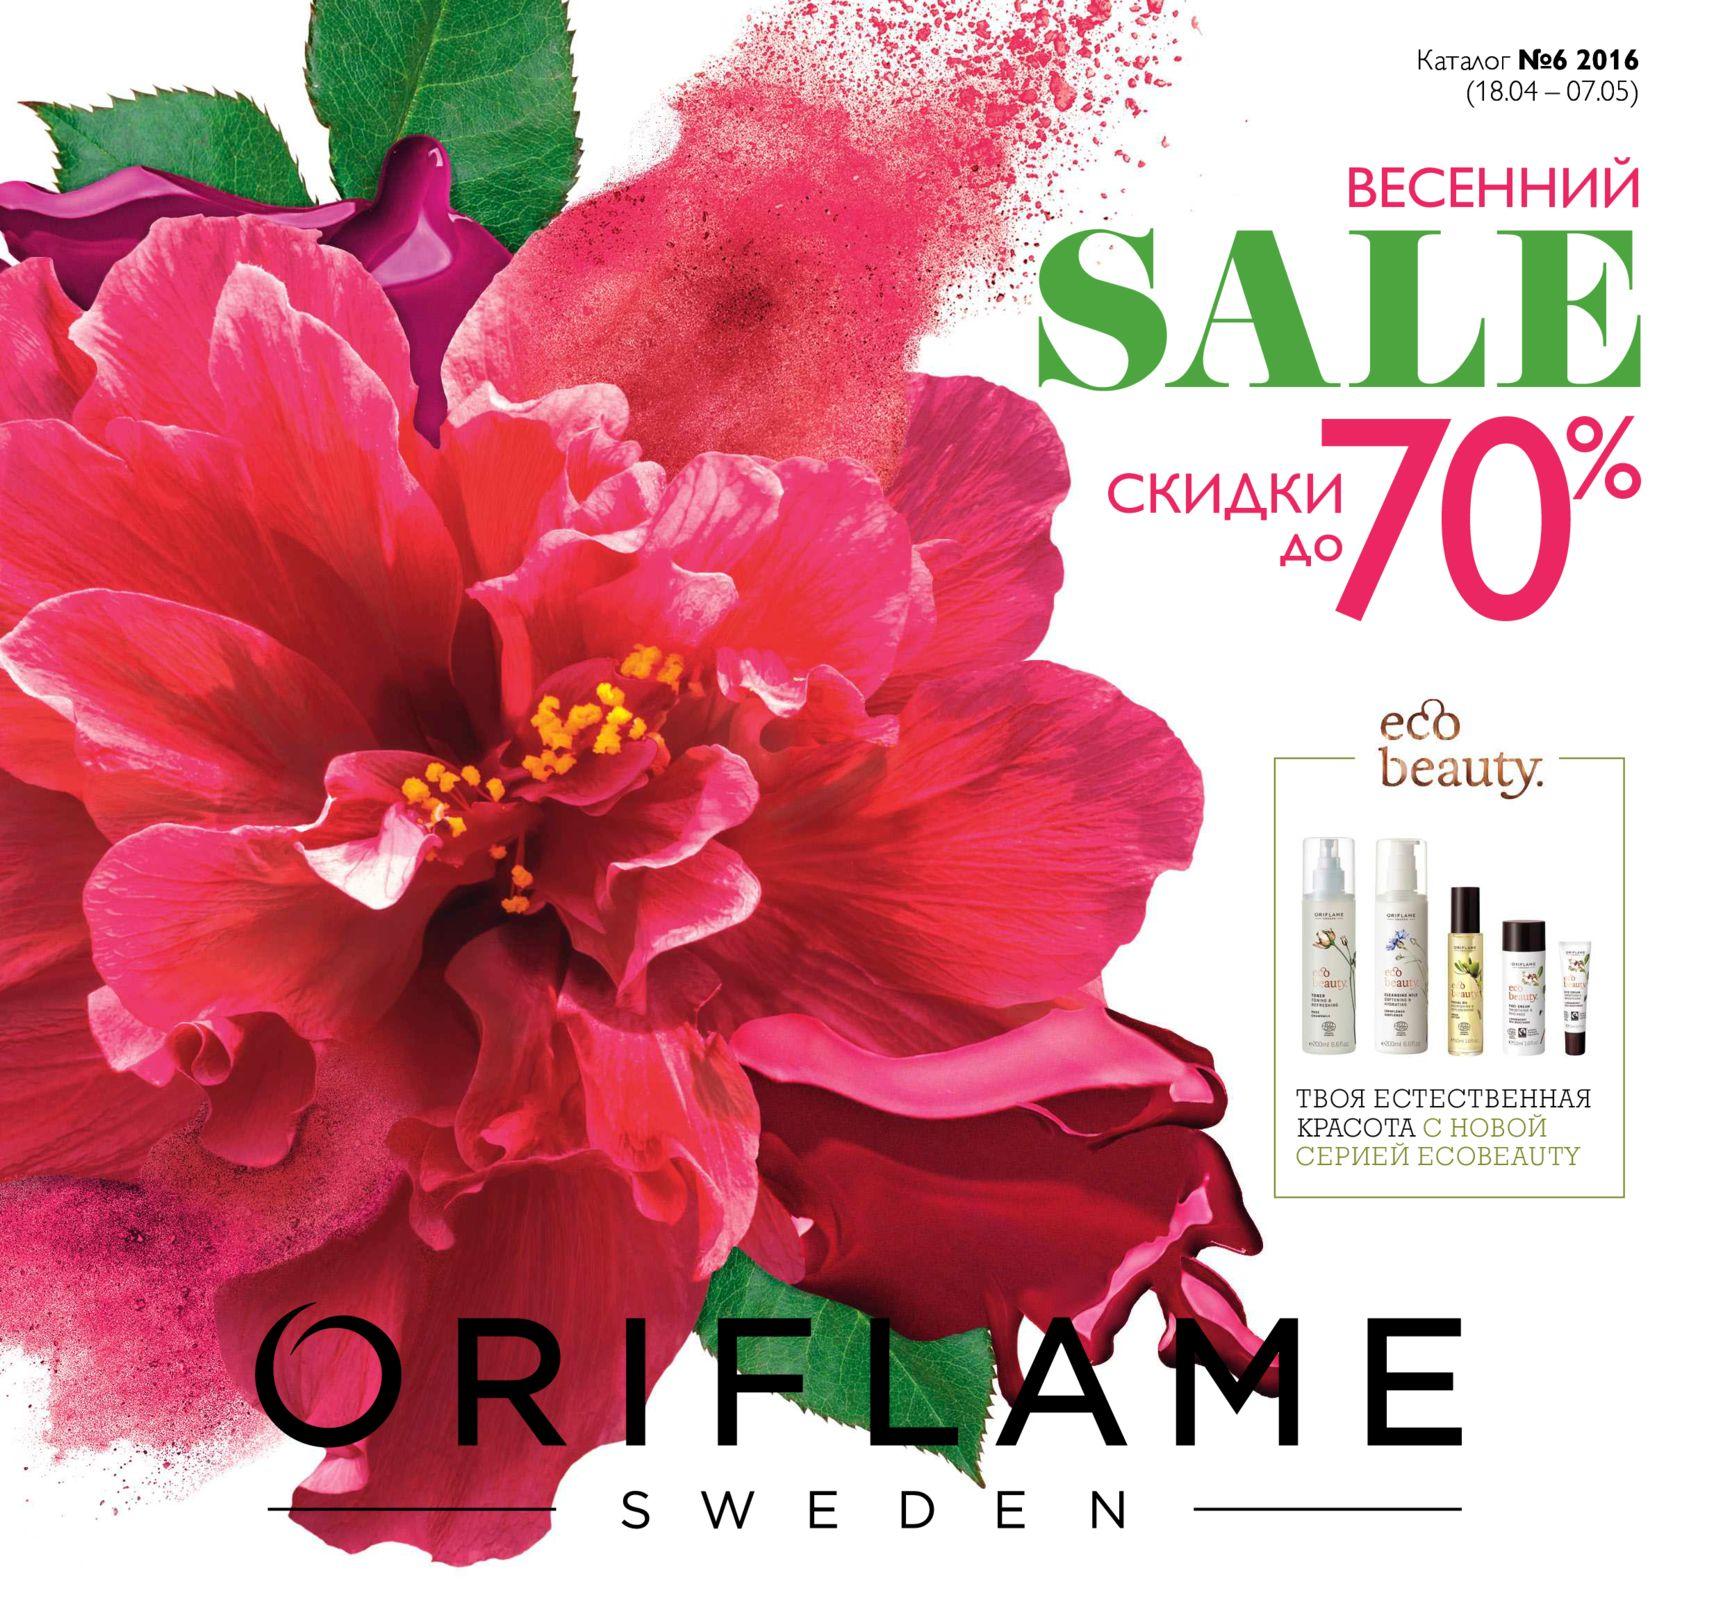 Cбор заказов. Шведская косметика и парфюмерия для всей семьи.Веченний Sale 06-16.